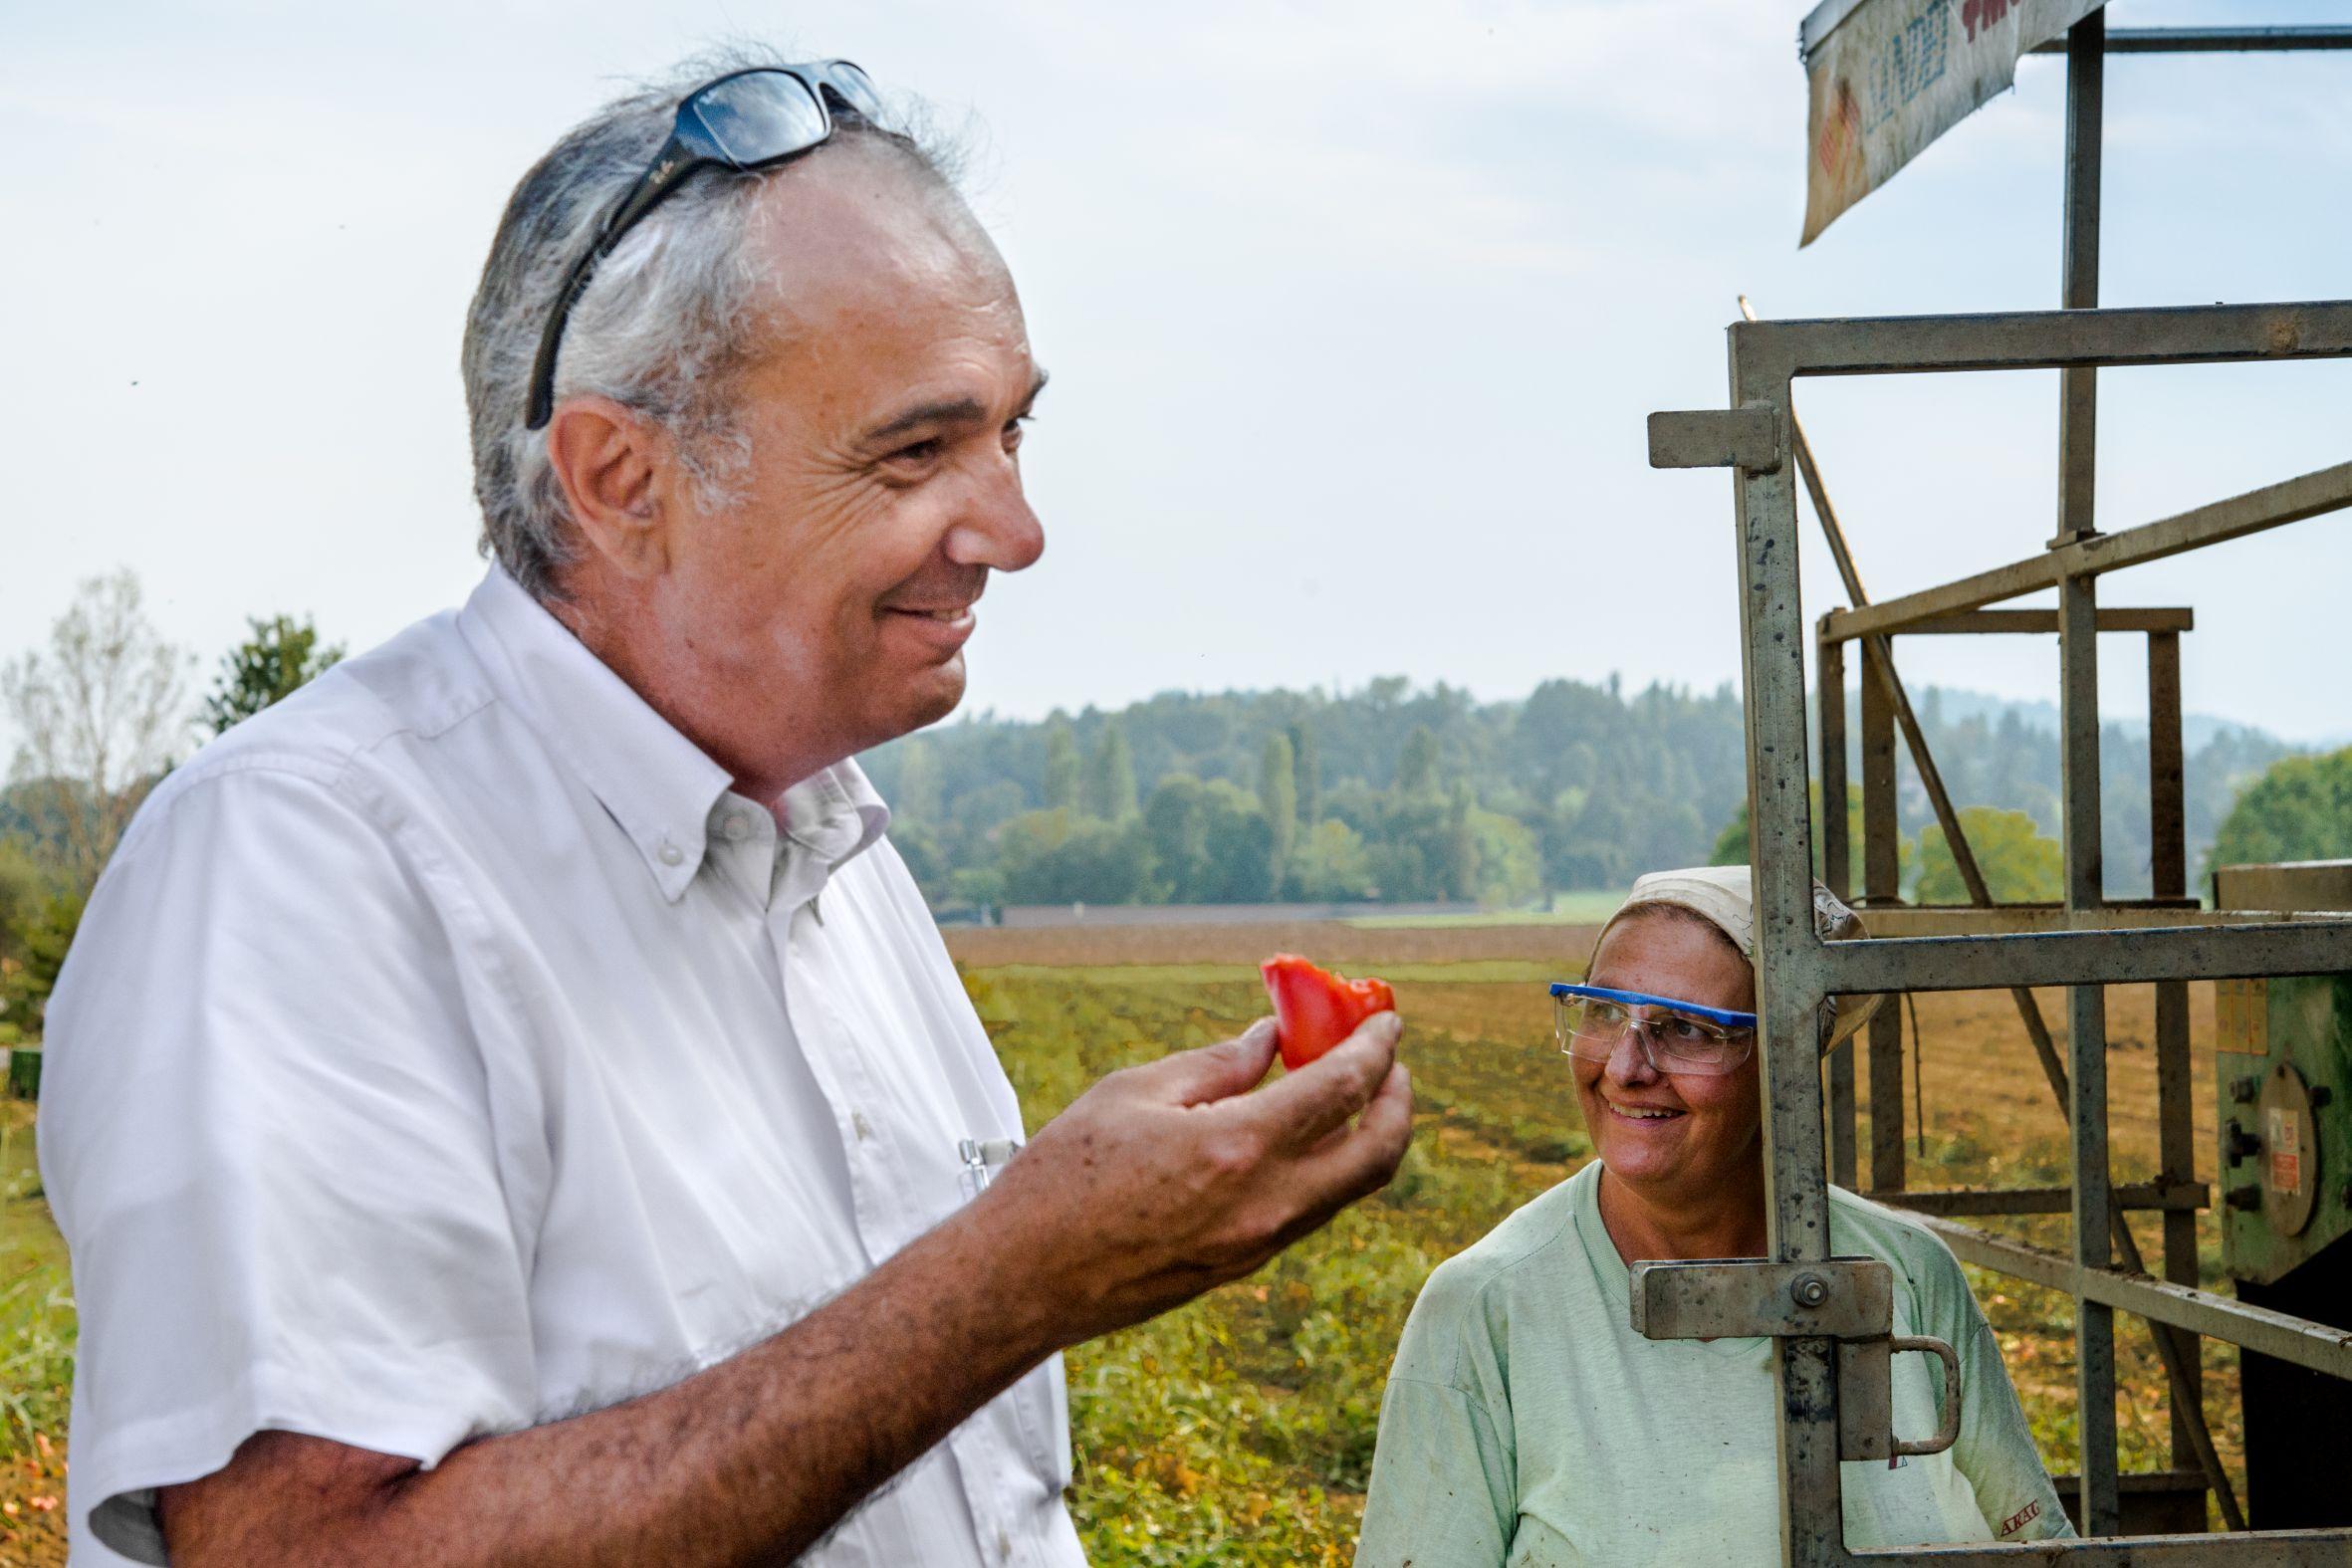 Tomatensaison 2020 von Mutti